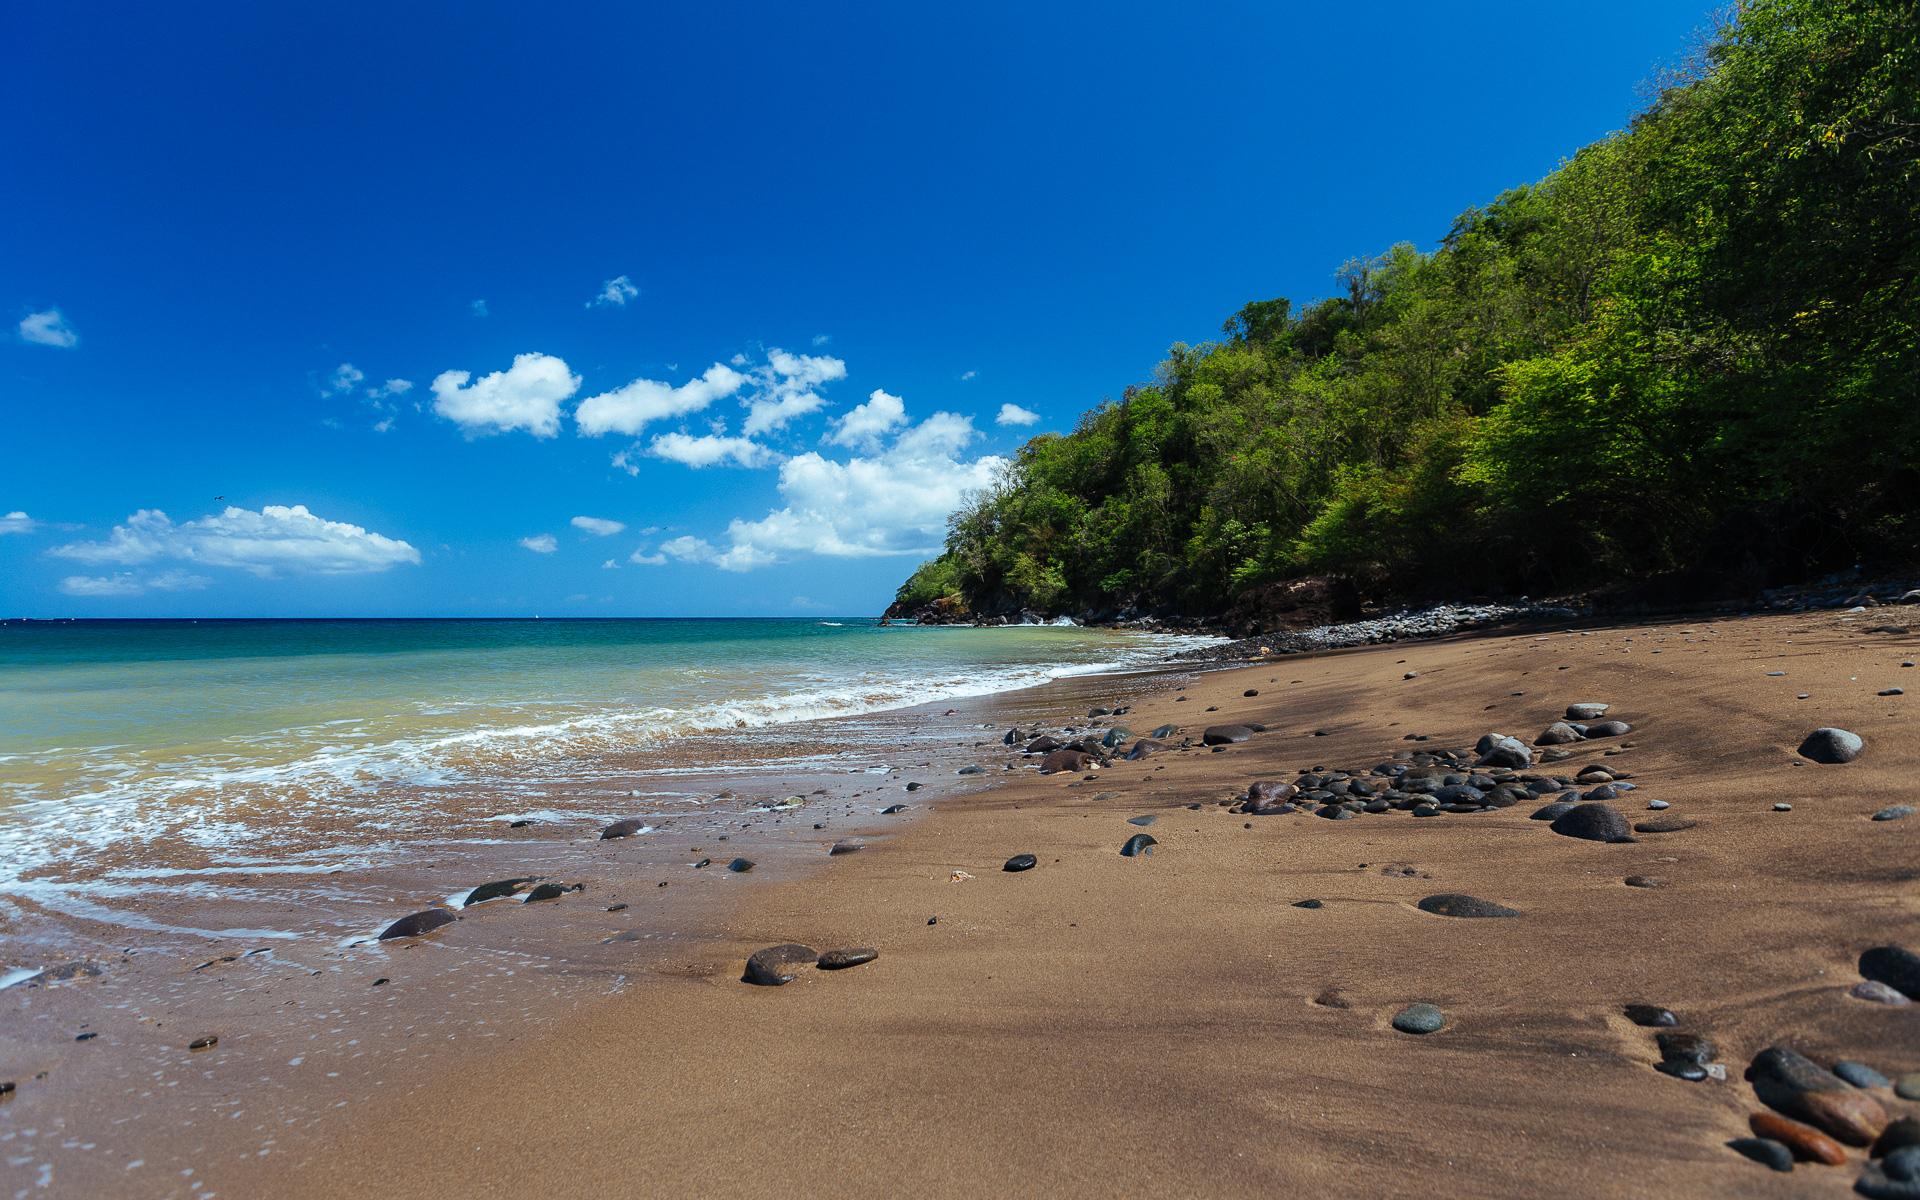 Plage Caraïbe Pointe Noire